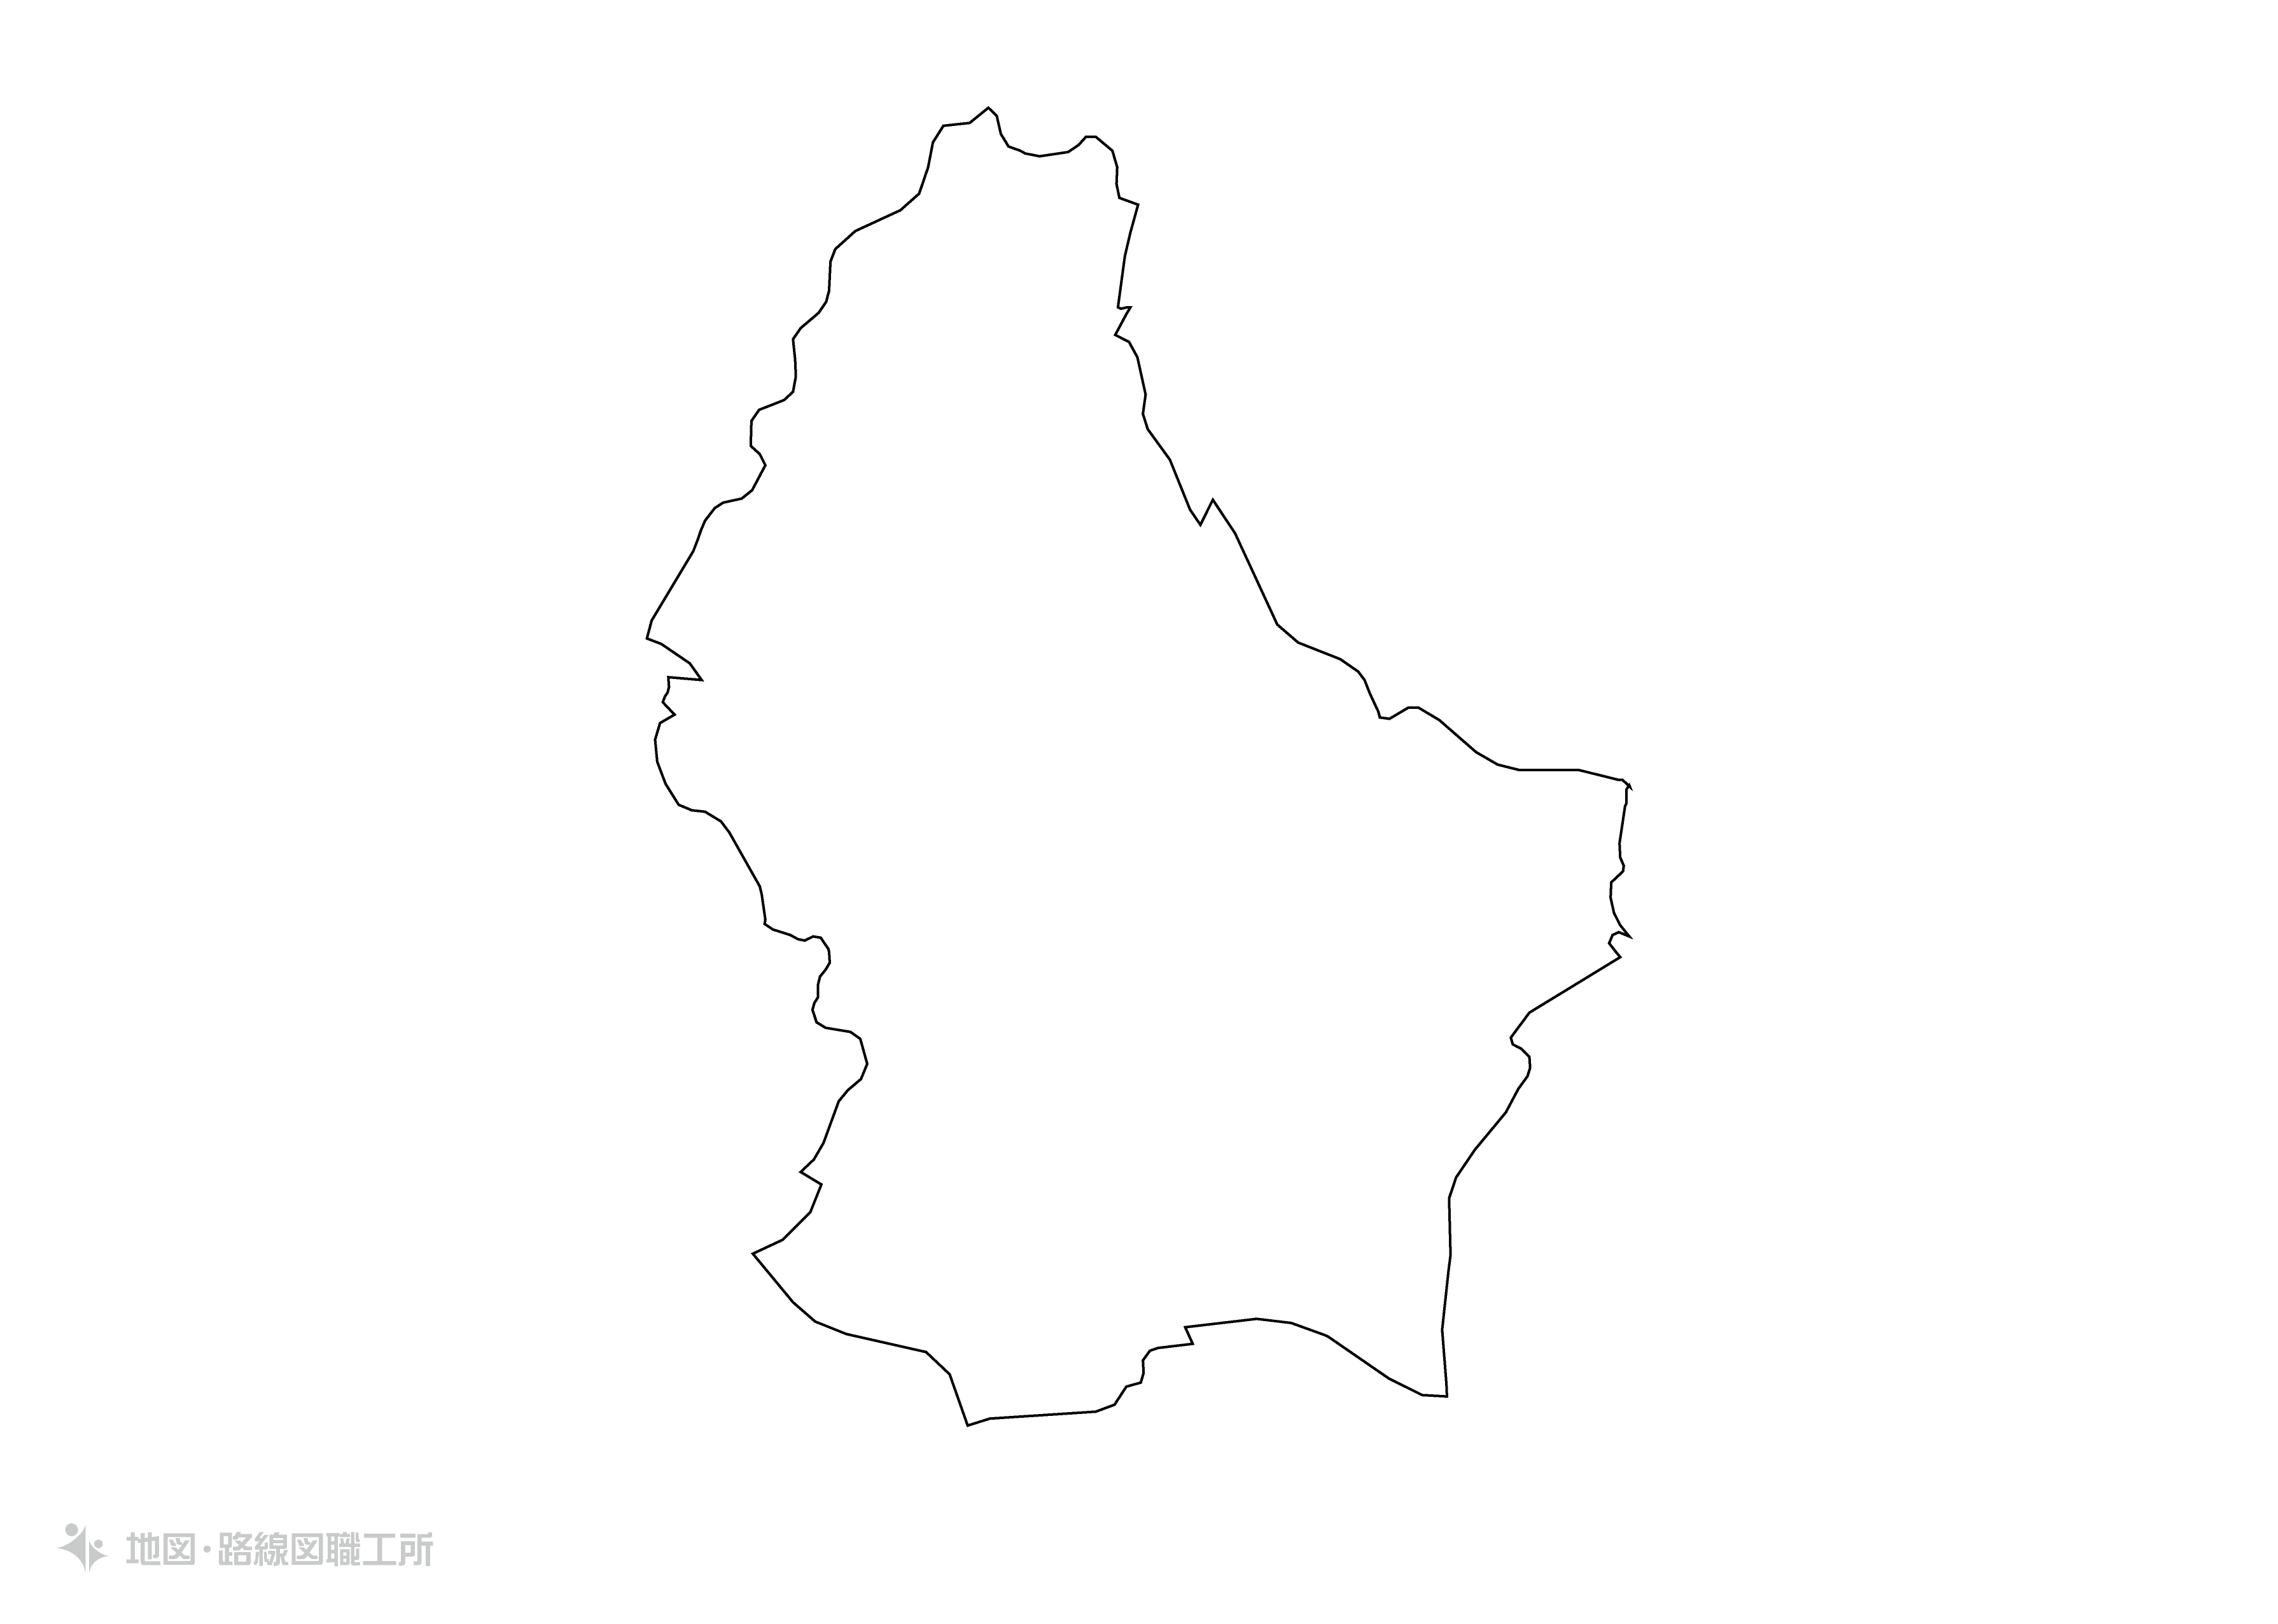 世界の白地図 ルクセンブルク大公国 grand-duchy-of-luxembourg map